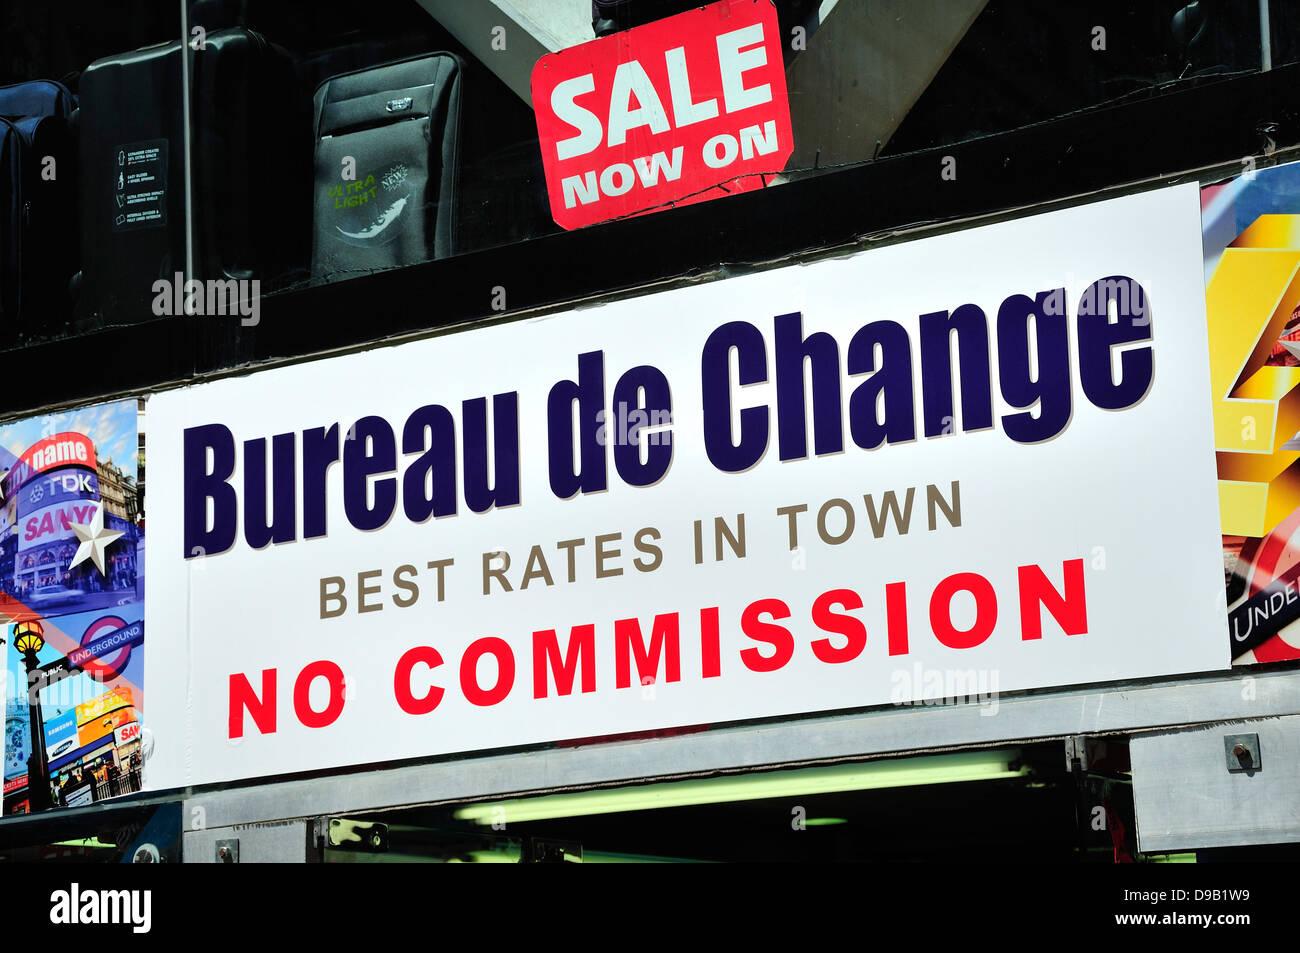 Bureau De Change No Commission Photos & Bureau De Change No ... on